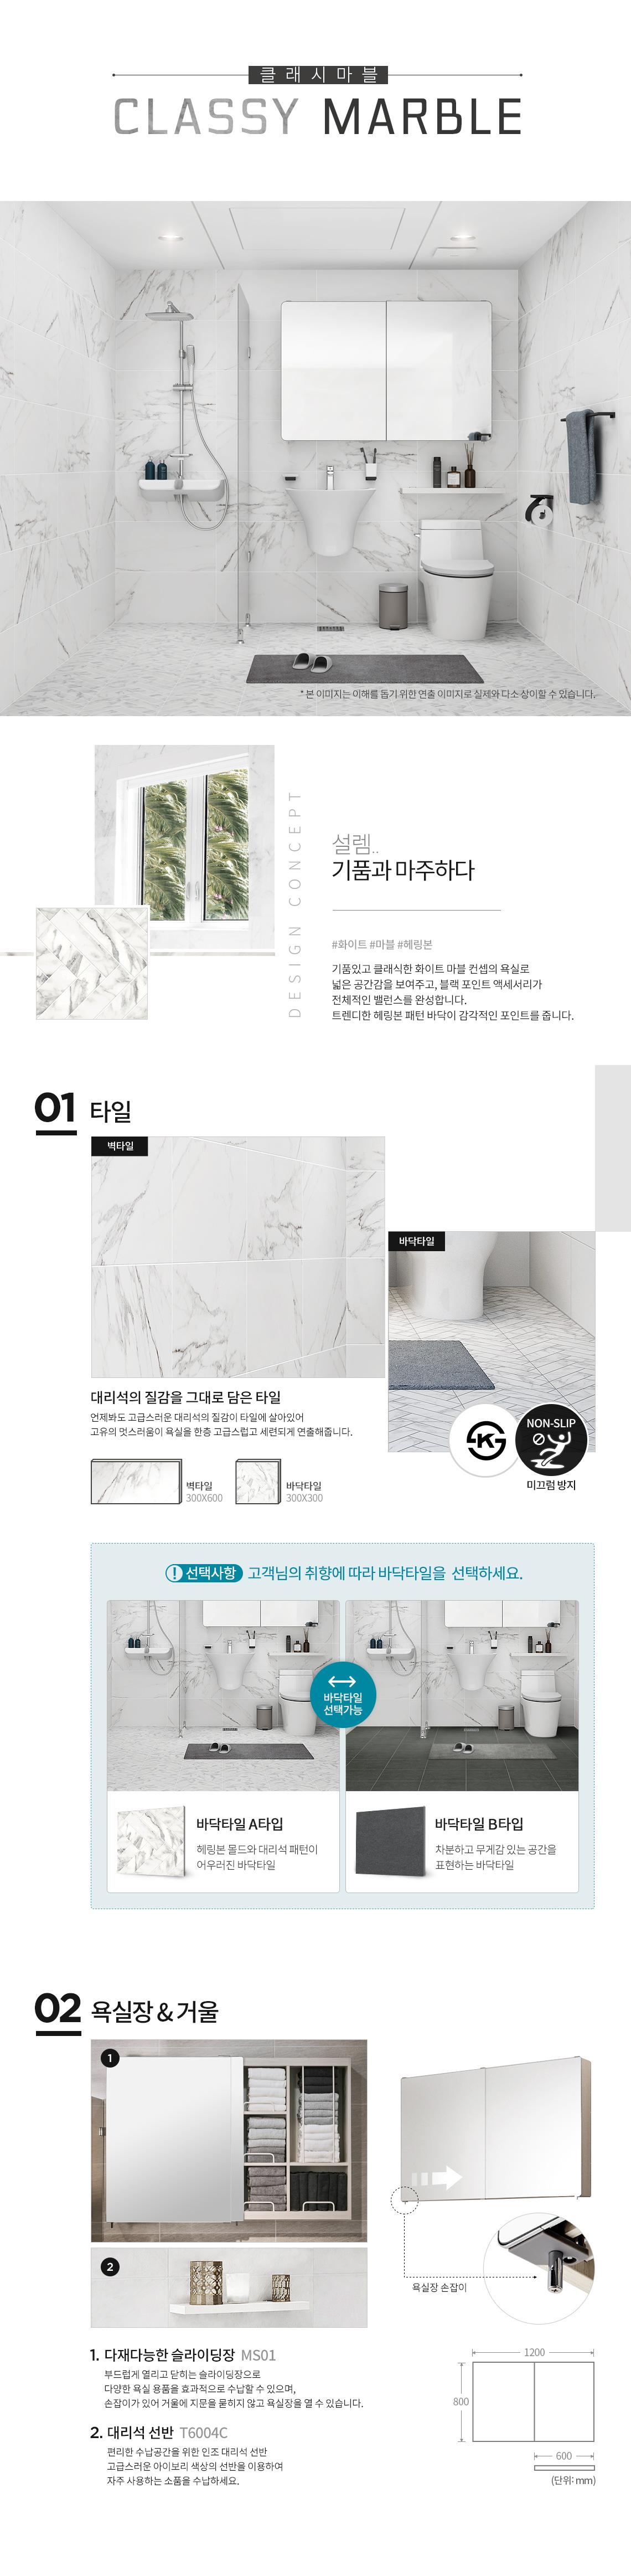 클래시마블 상품소개